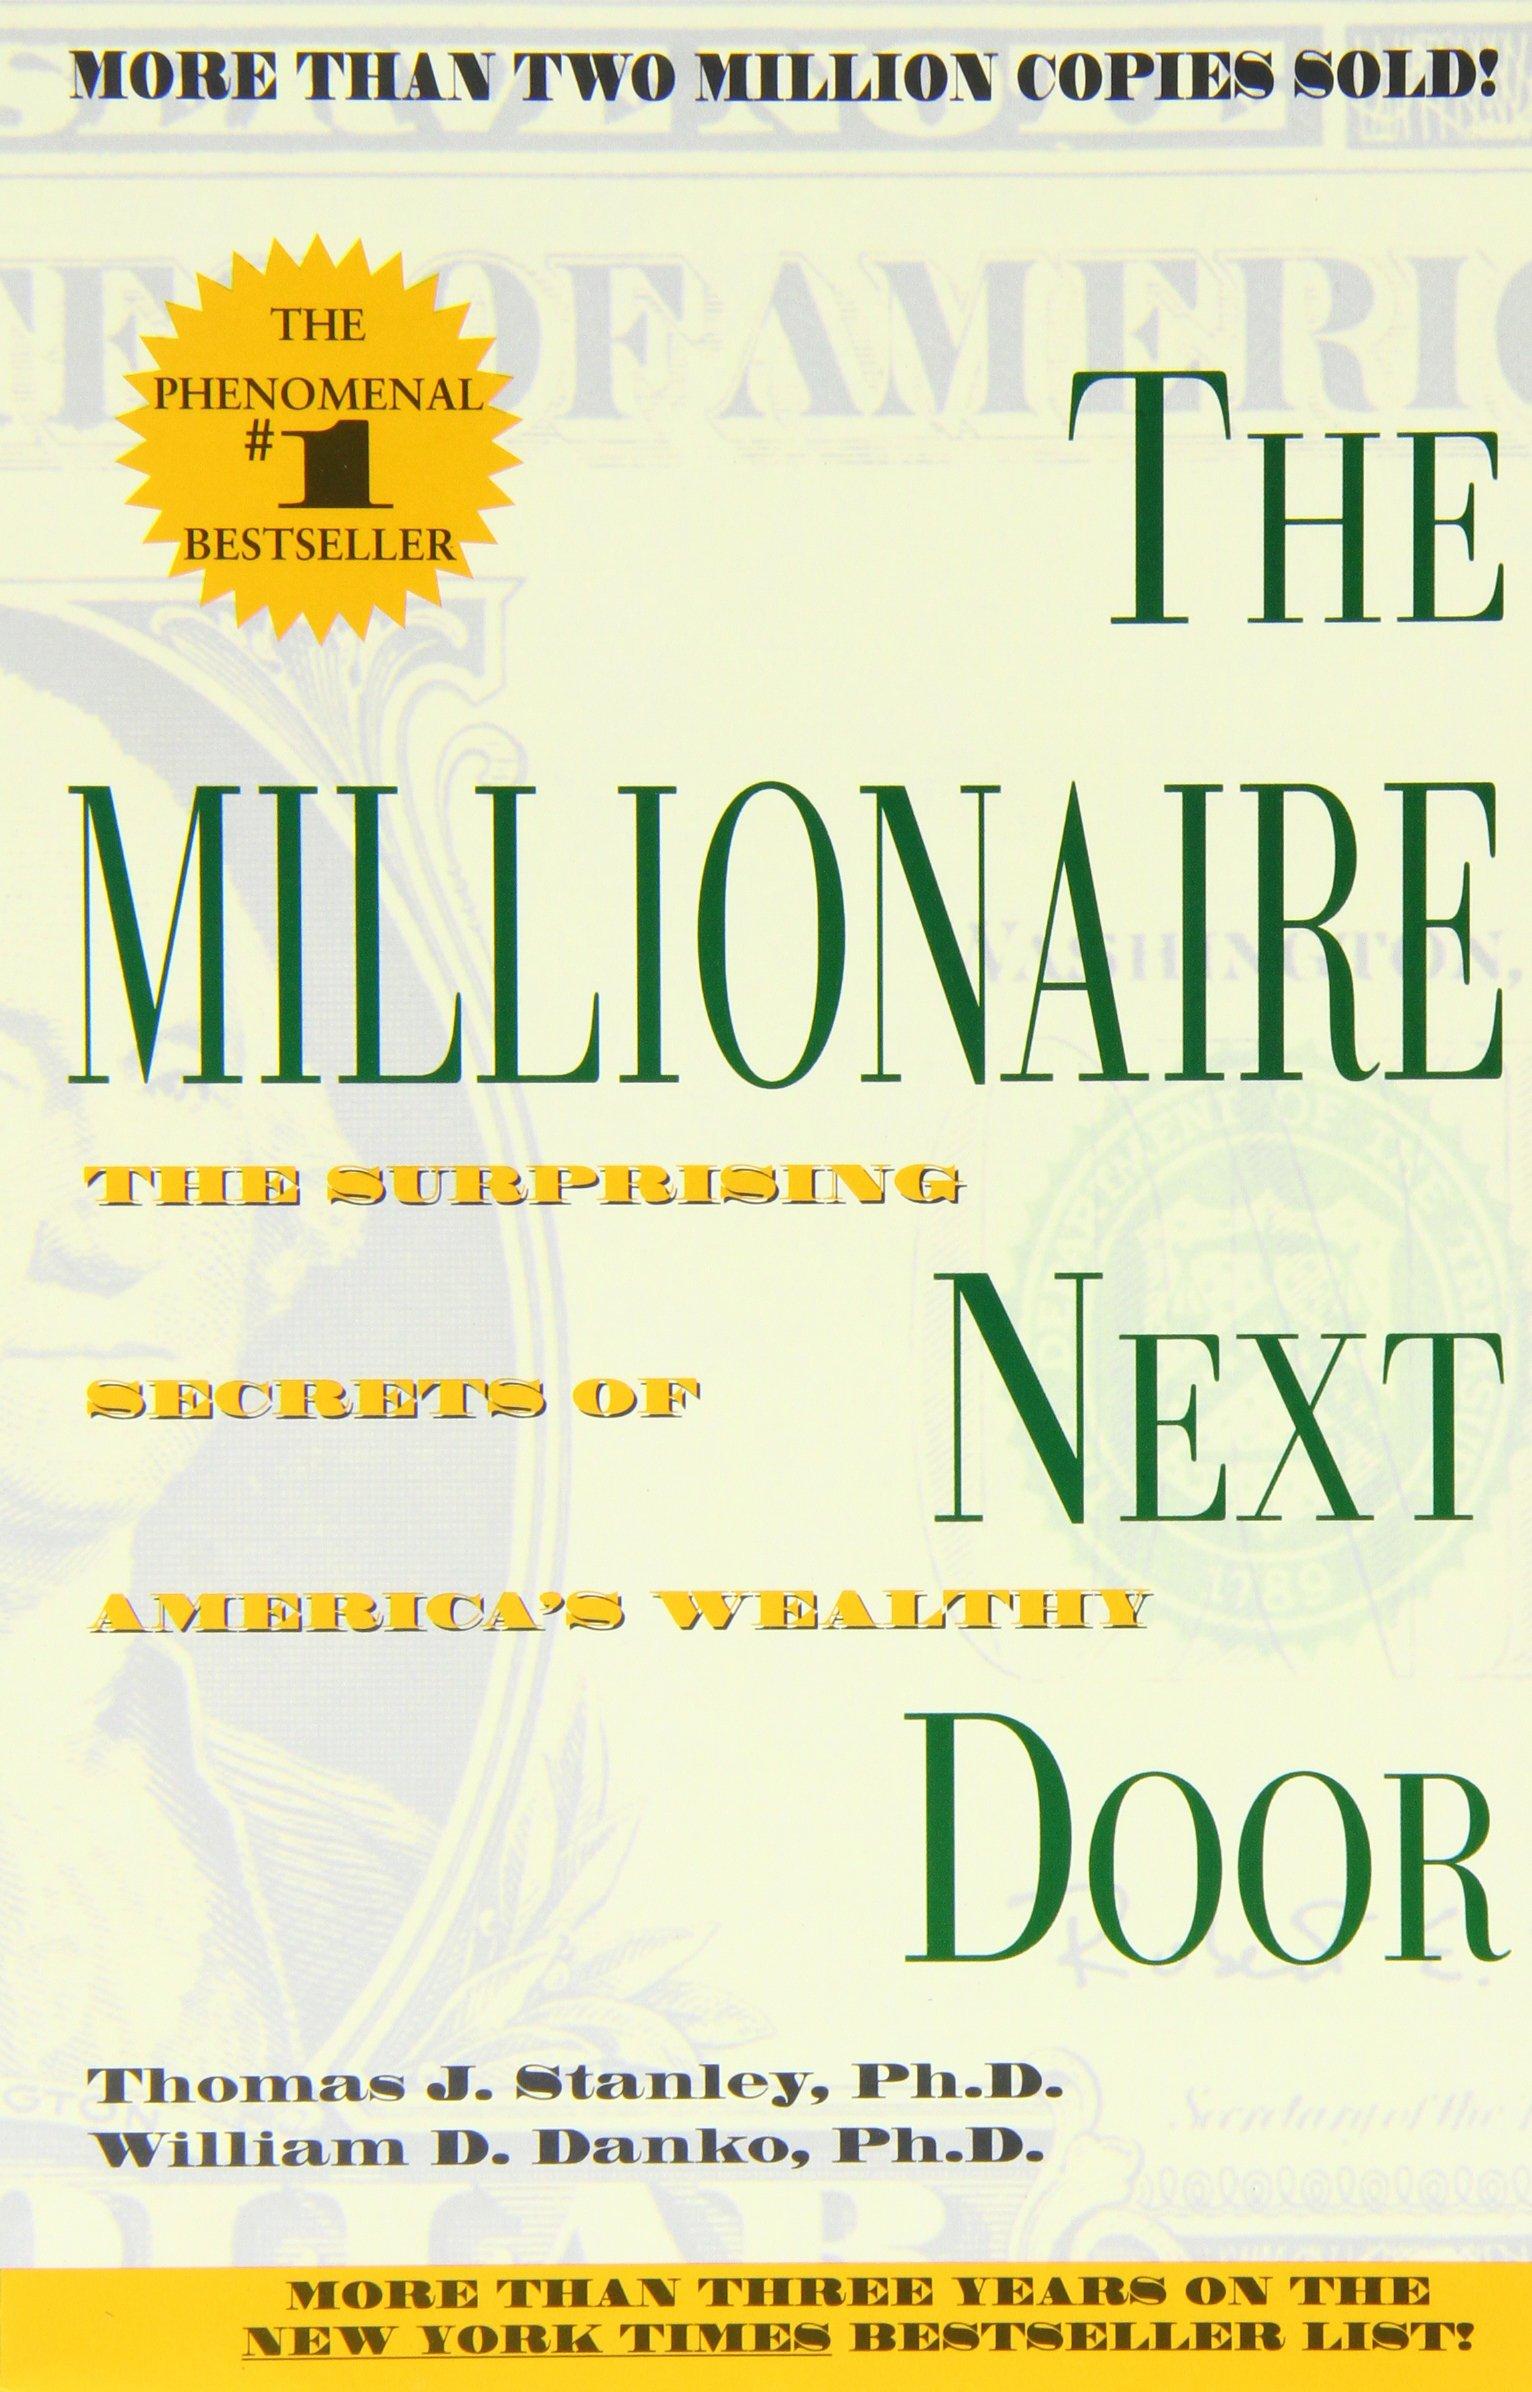 The Millionare Next Door